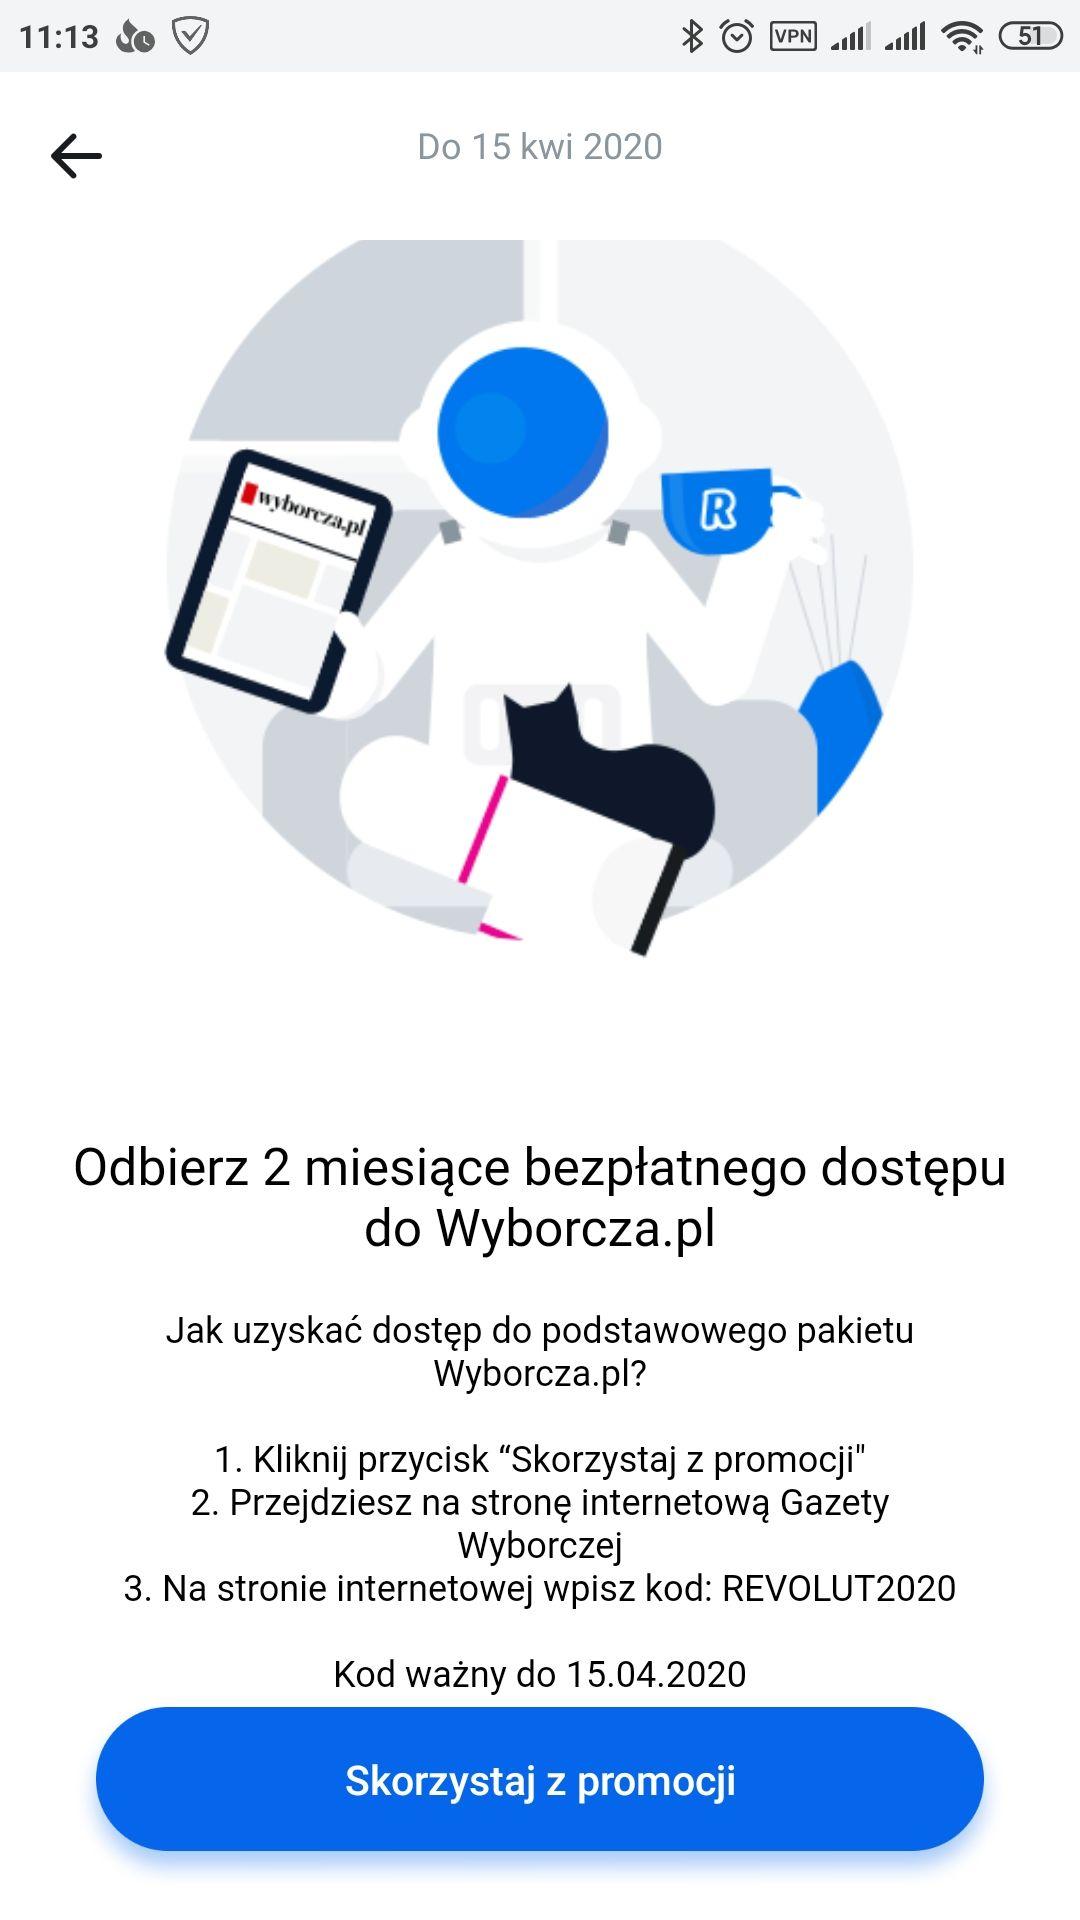 Wyborcza.pl na 2 miesiące z Revolut